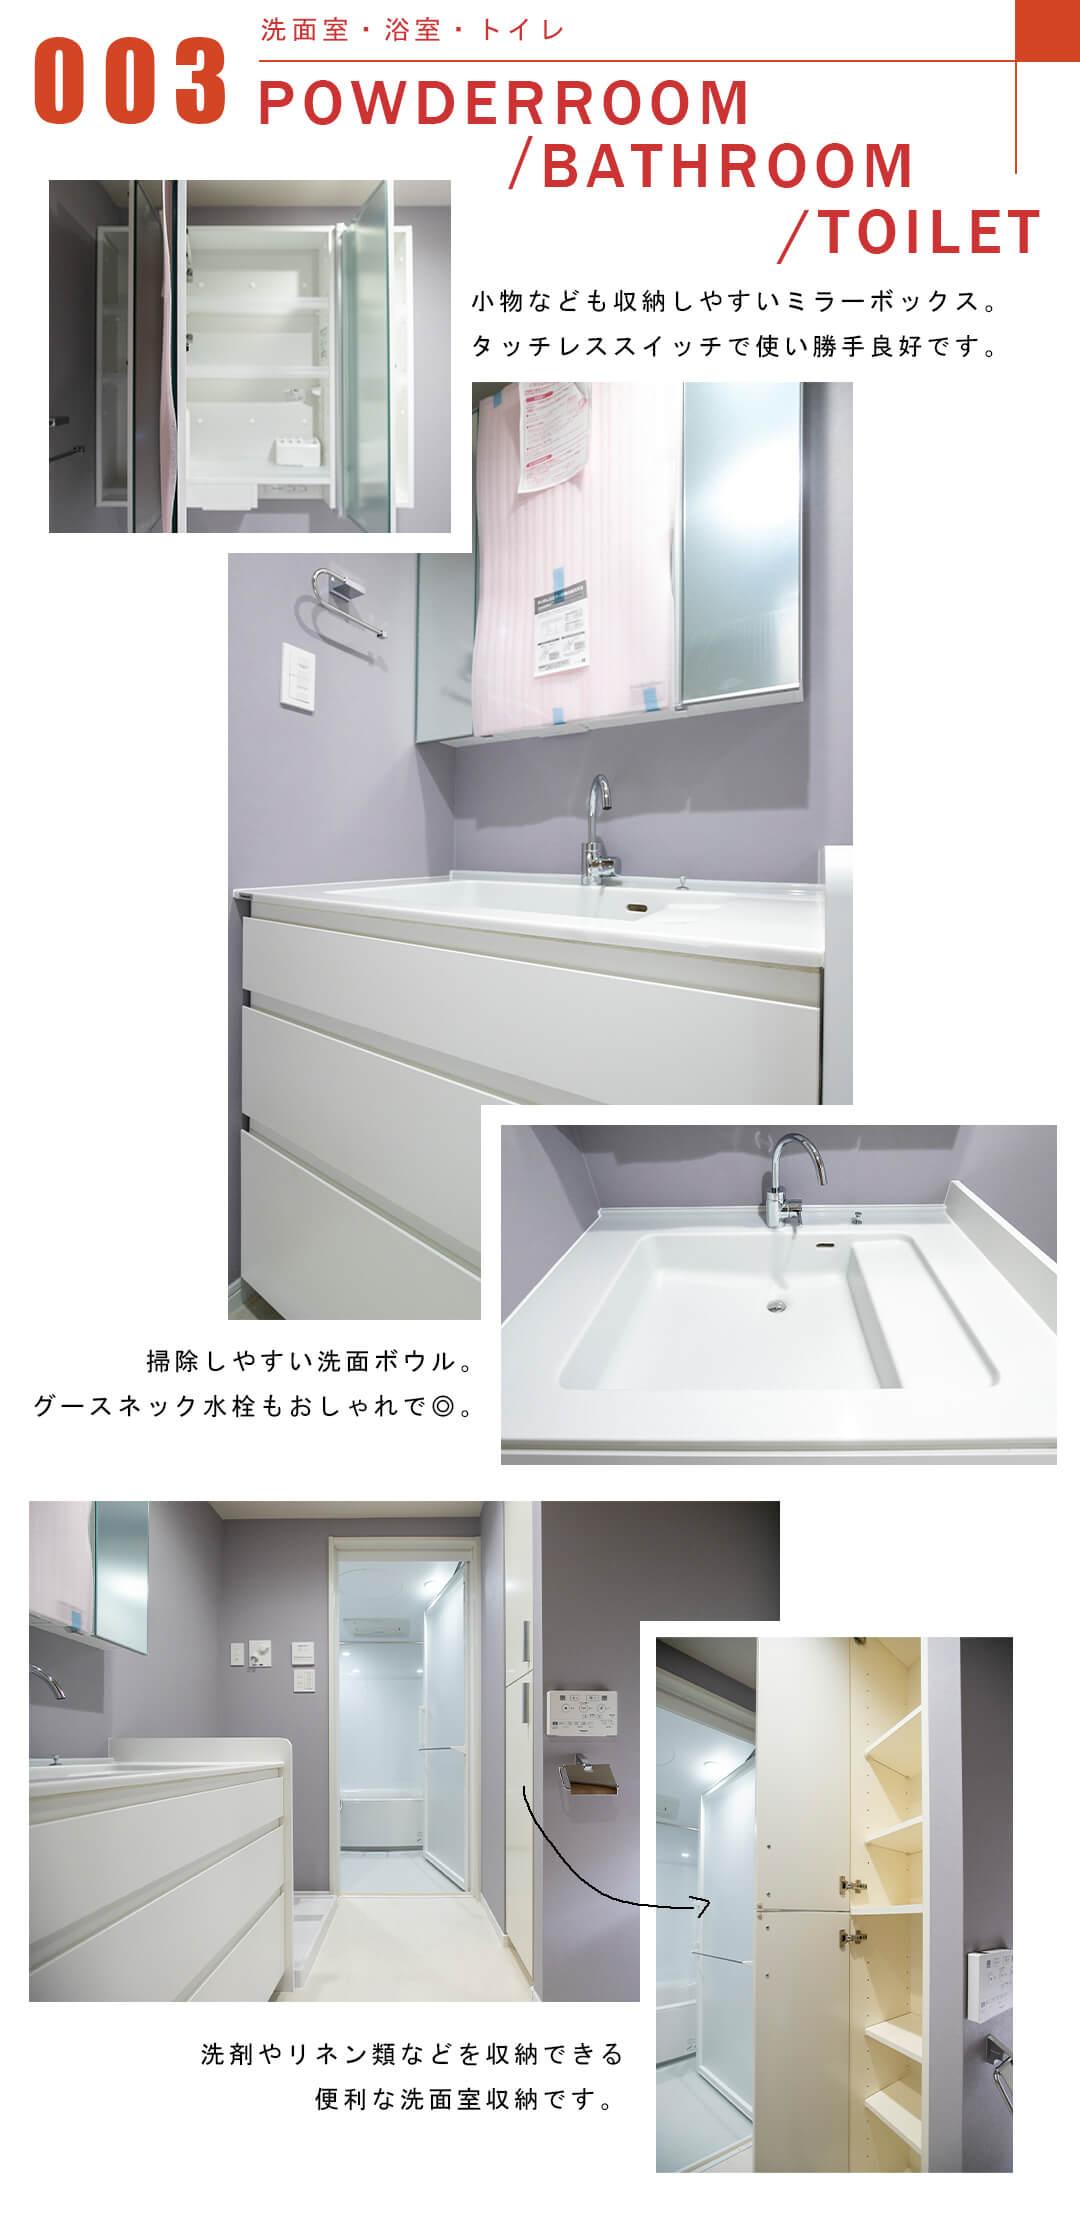 003洗面室,浴室,トイレ,POWDERROOM,BATHROOOM,TOILET